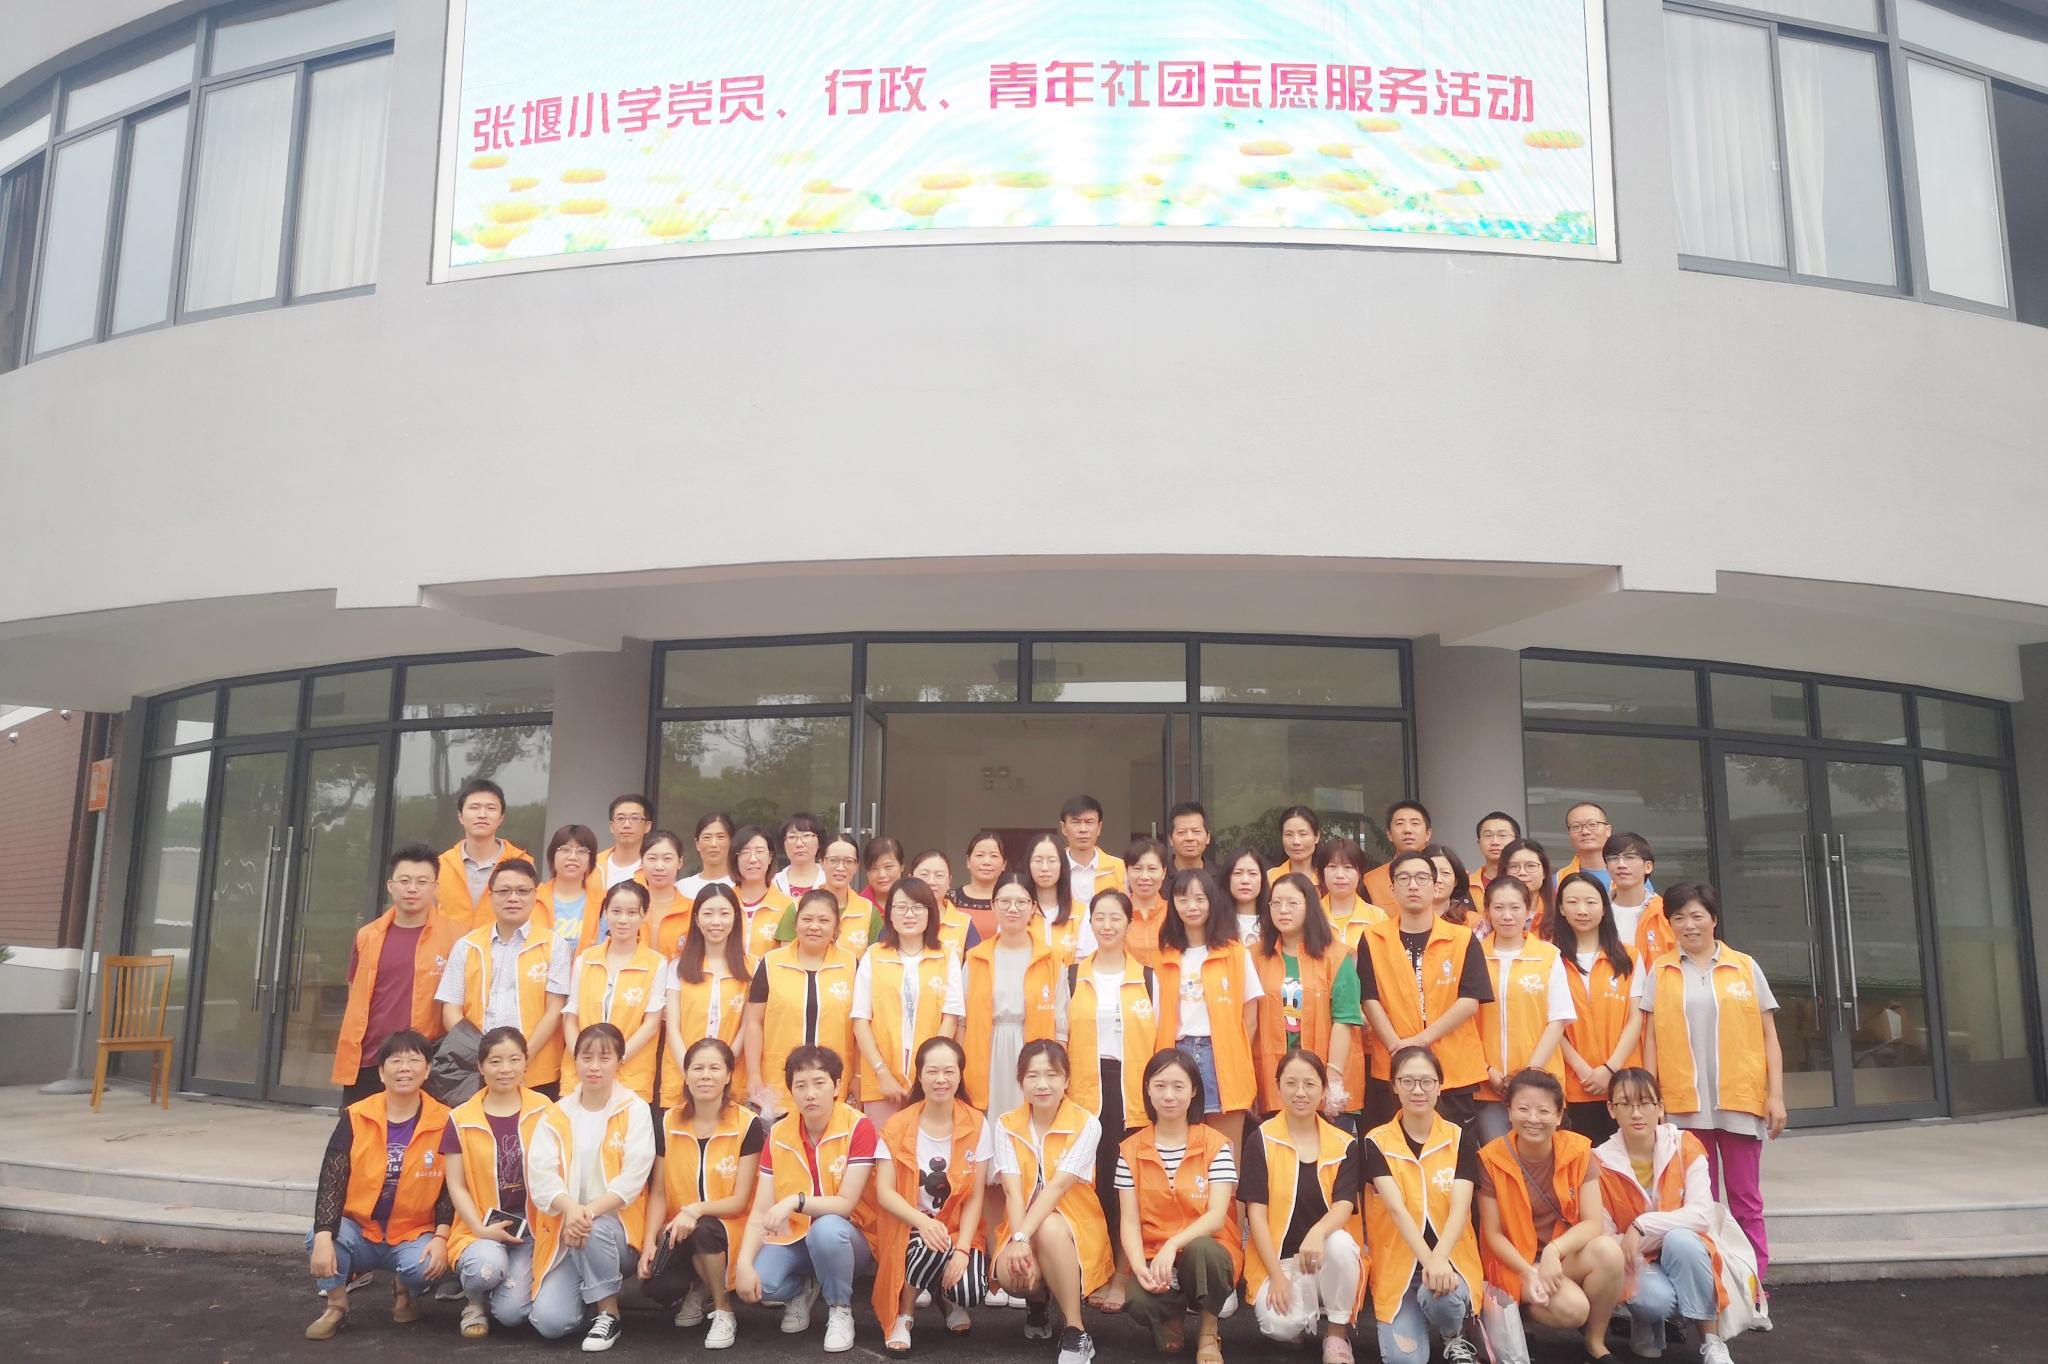 张堰小学:创城志愿服务 建设文明校园